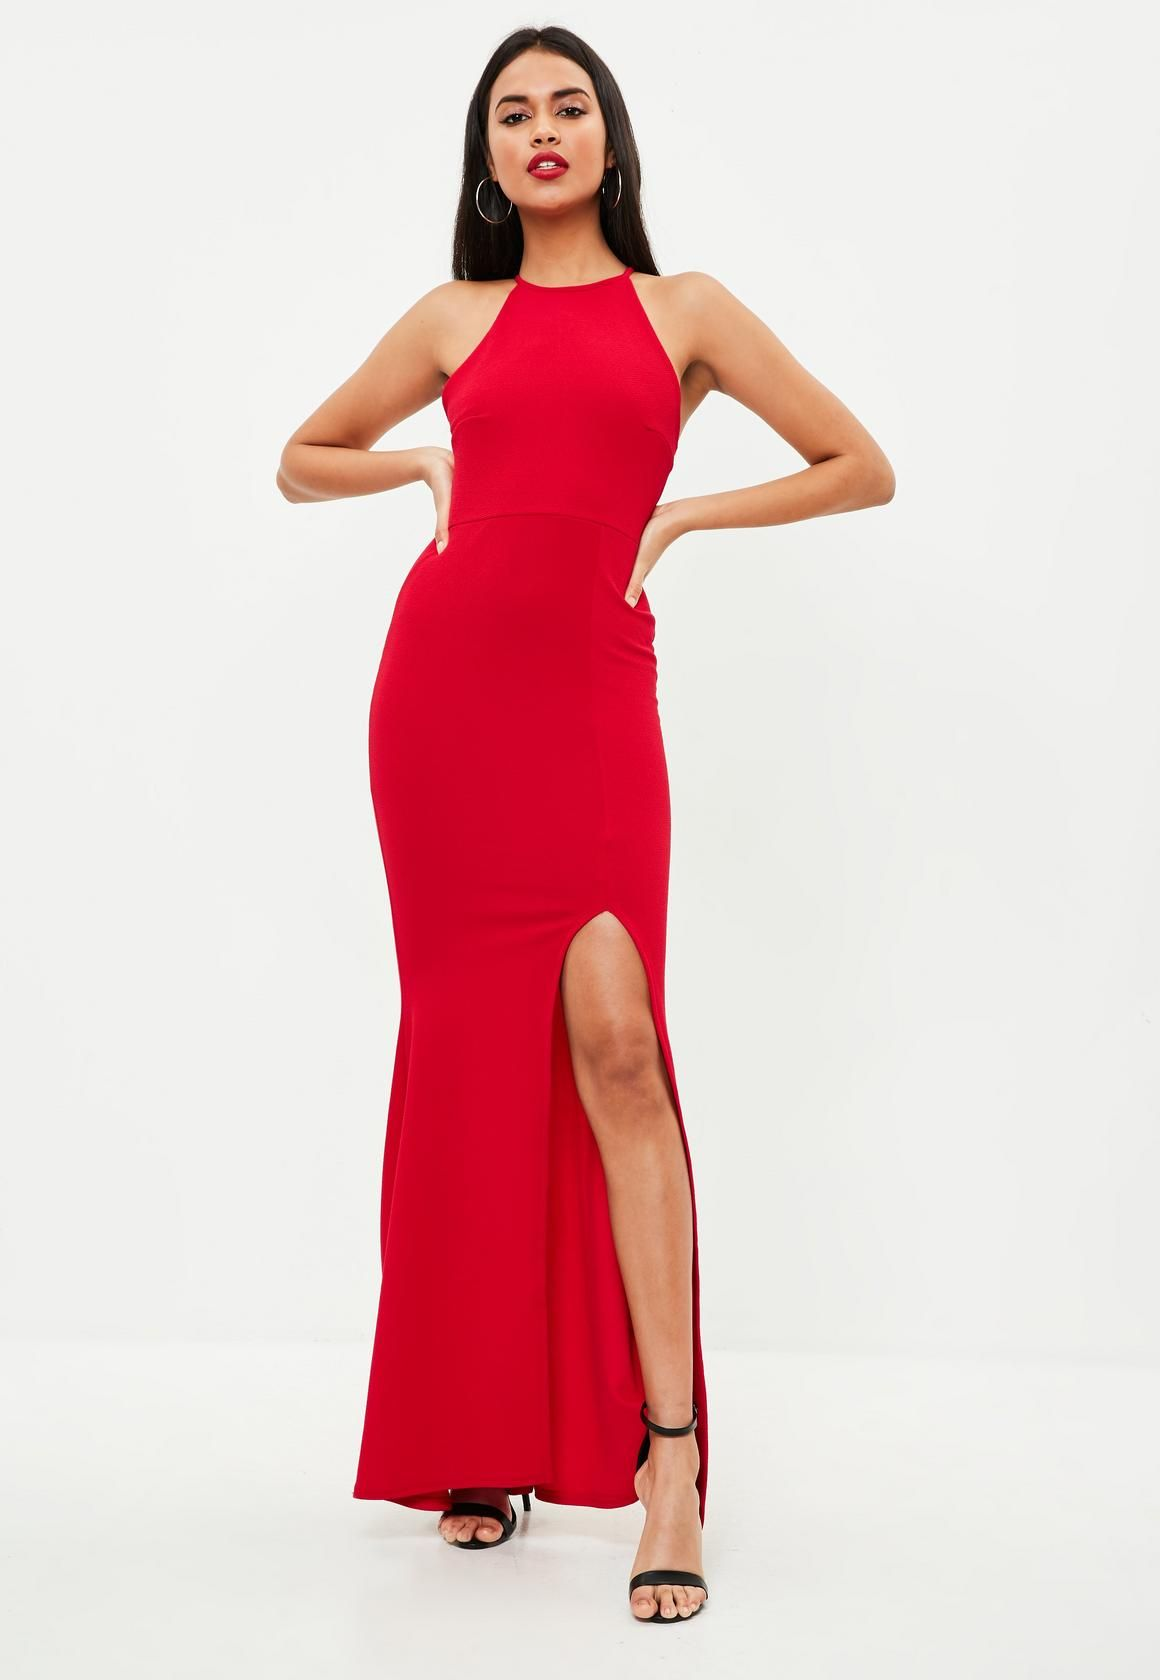 902ee6483b Missguided - Czerwona sukienka maxi z rozcięciem